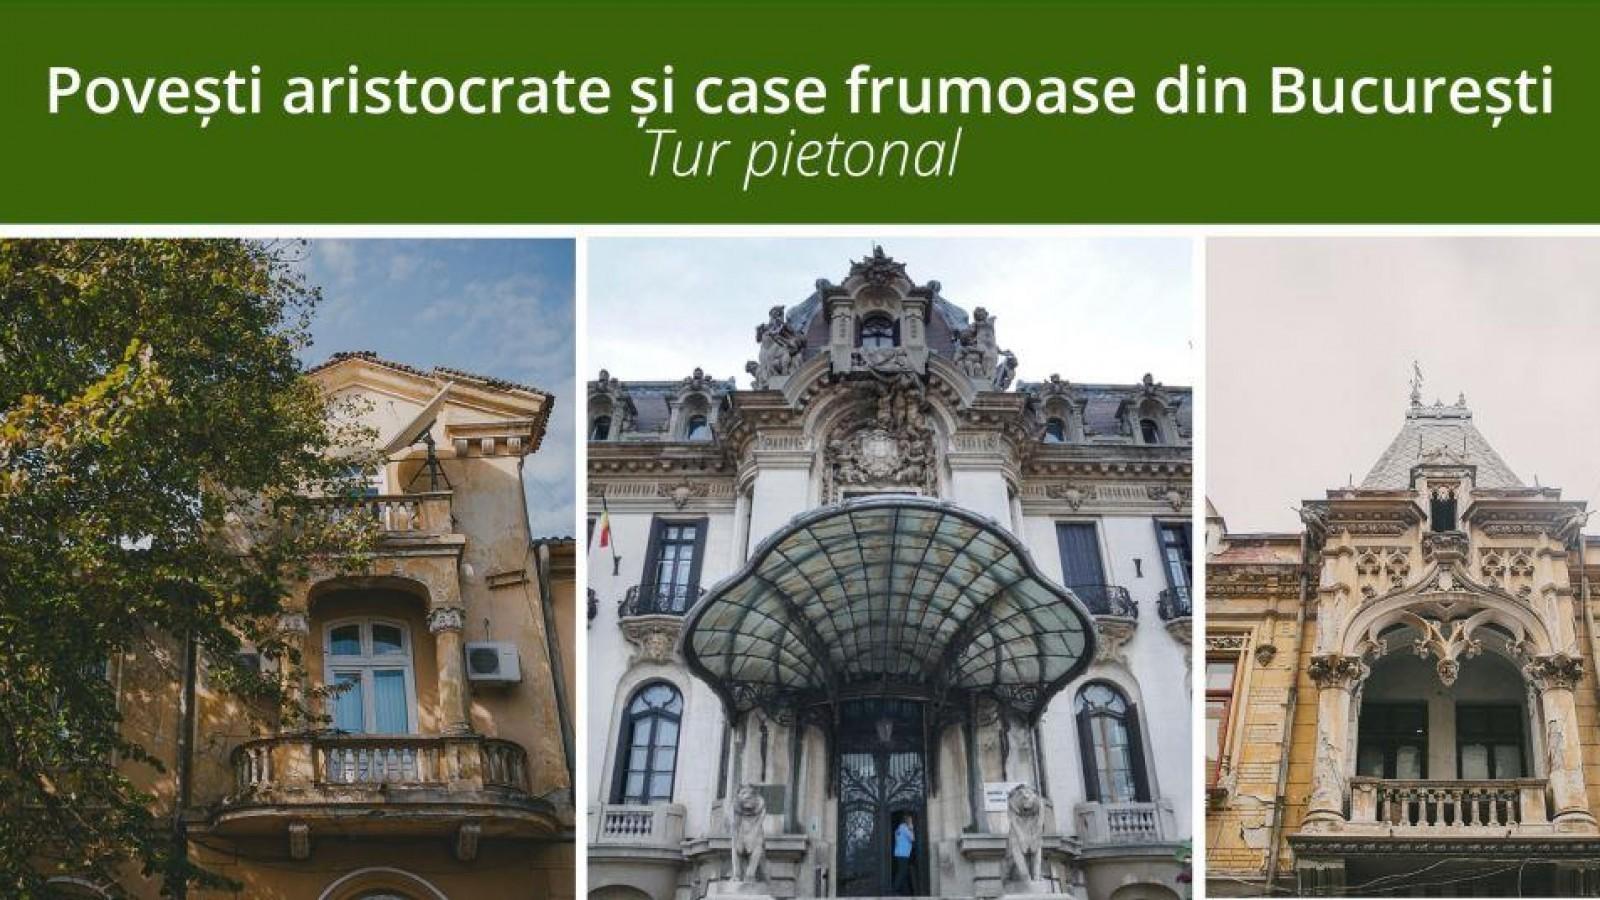 Poveşti aristocrate şi case frumoase din Bucureşti - tur pietonal